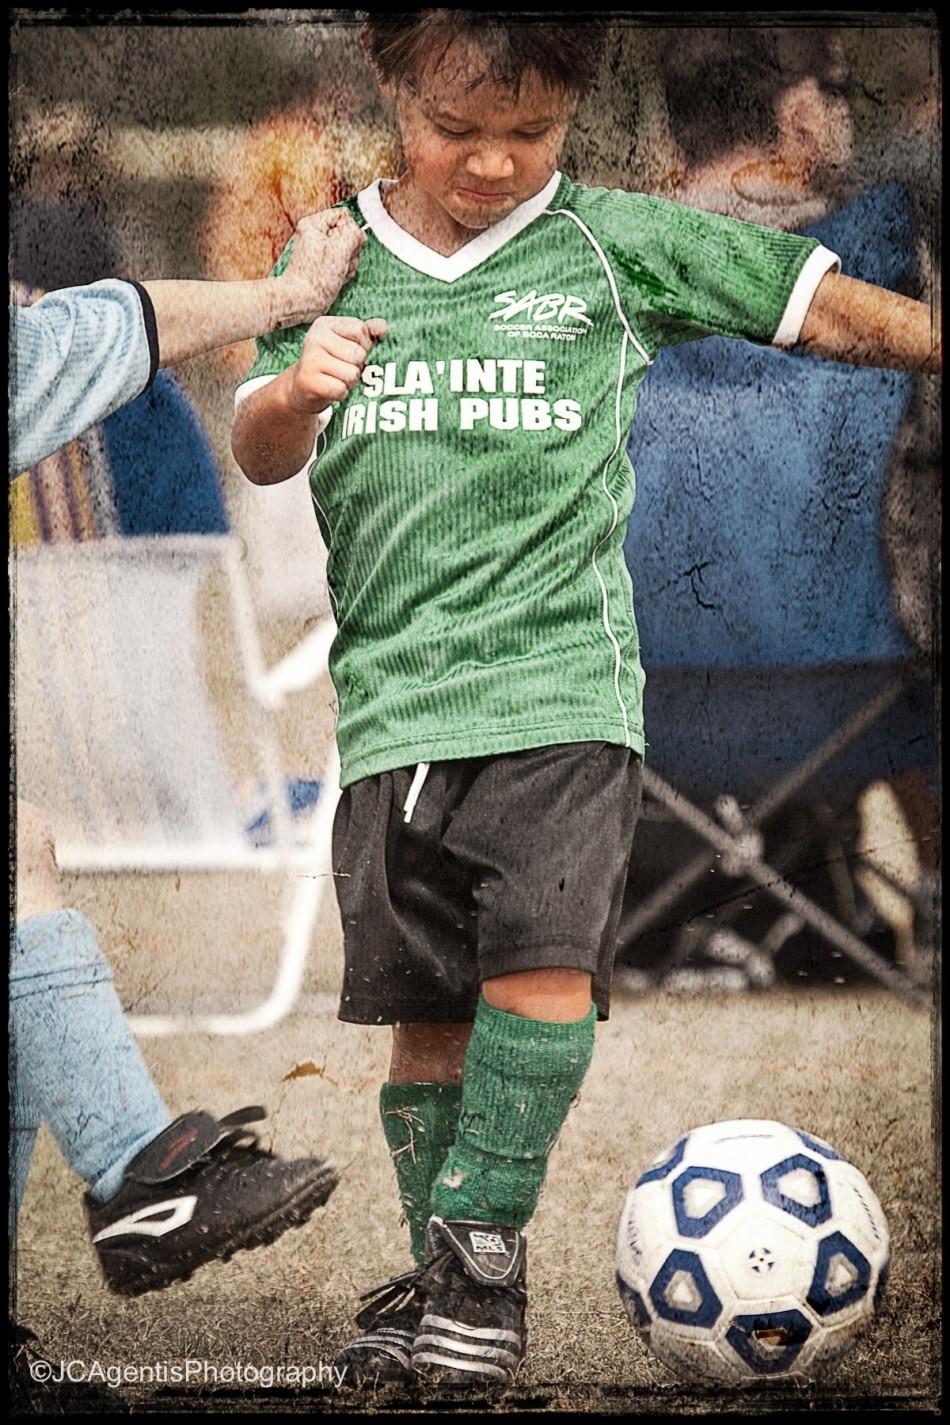 Boys Soccer. Boca Raton, Florida